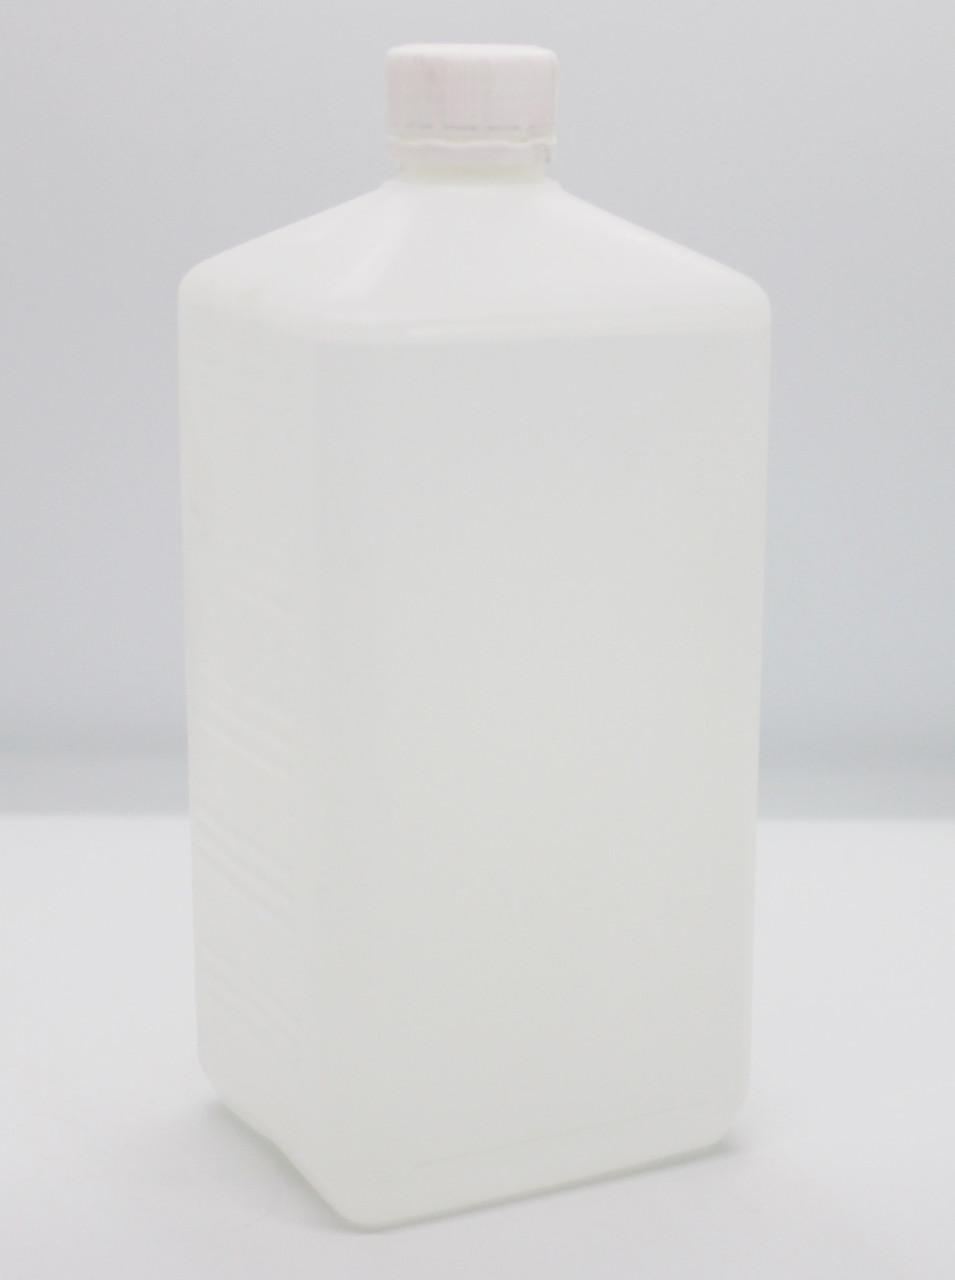 Эпоксидная смола прозрачная 1кг, Германия